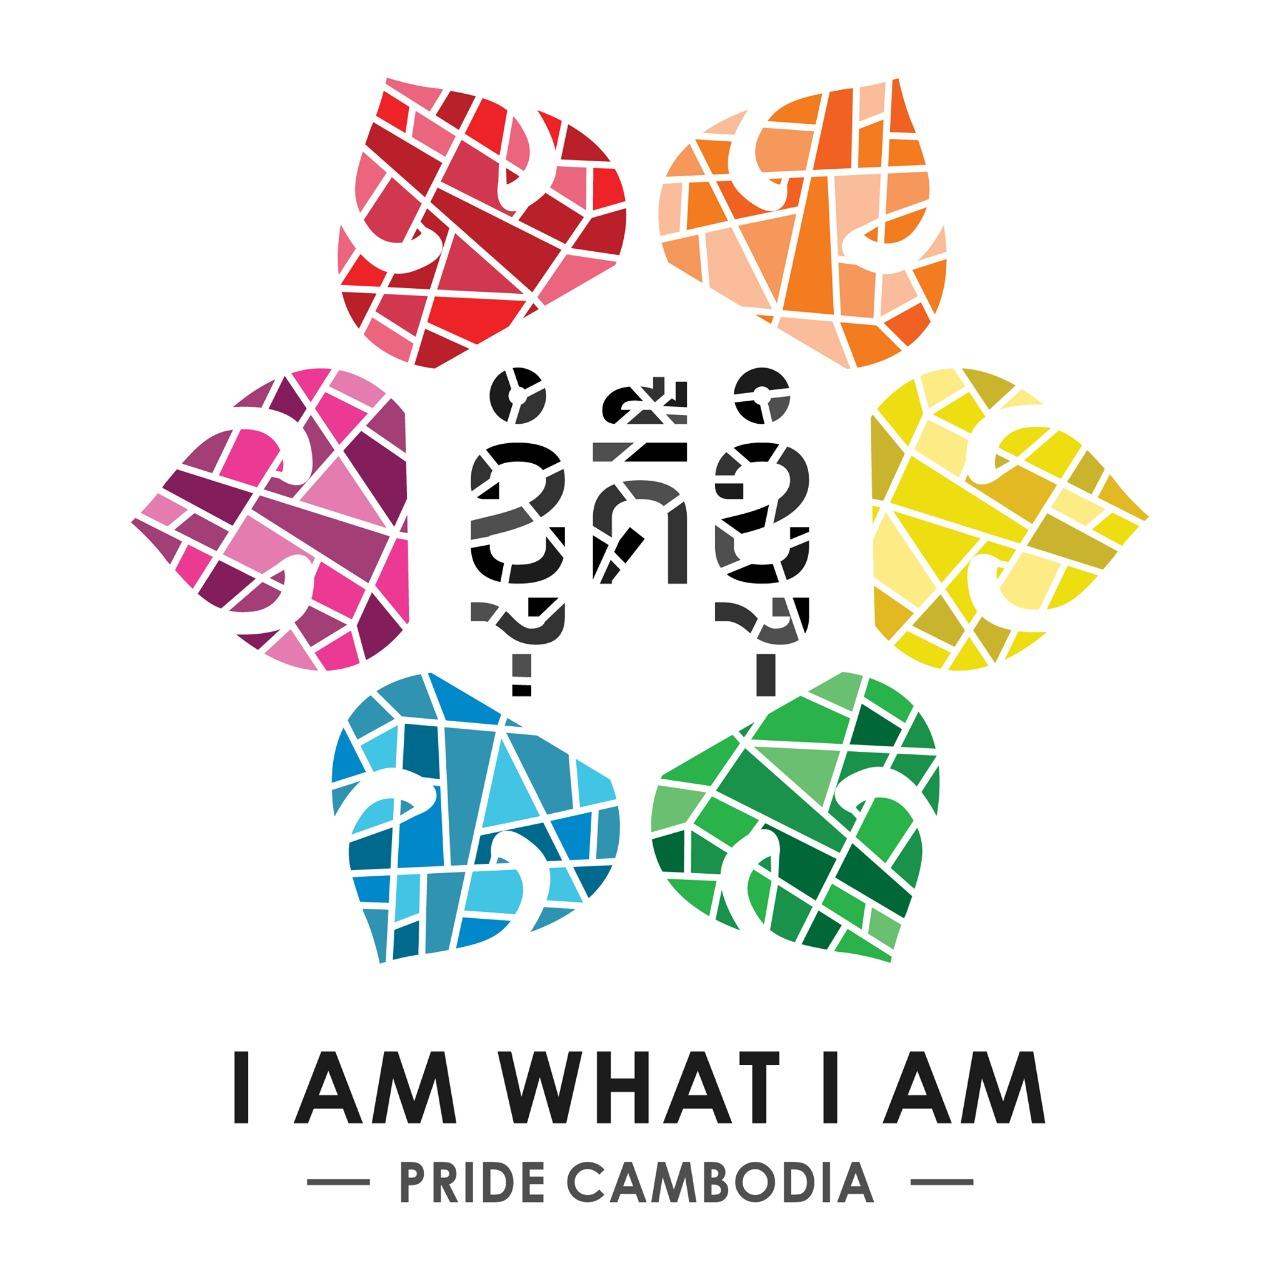 Celebrating Pride in Cambodia